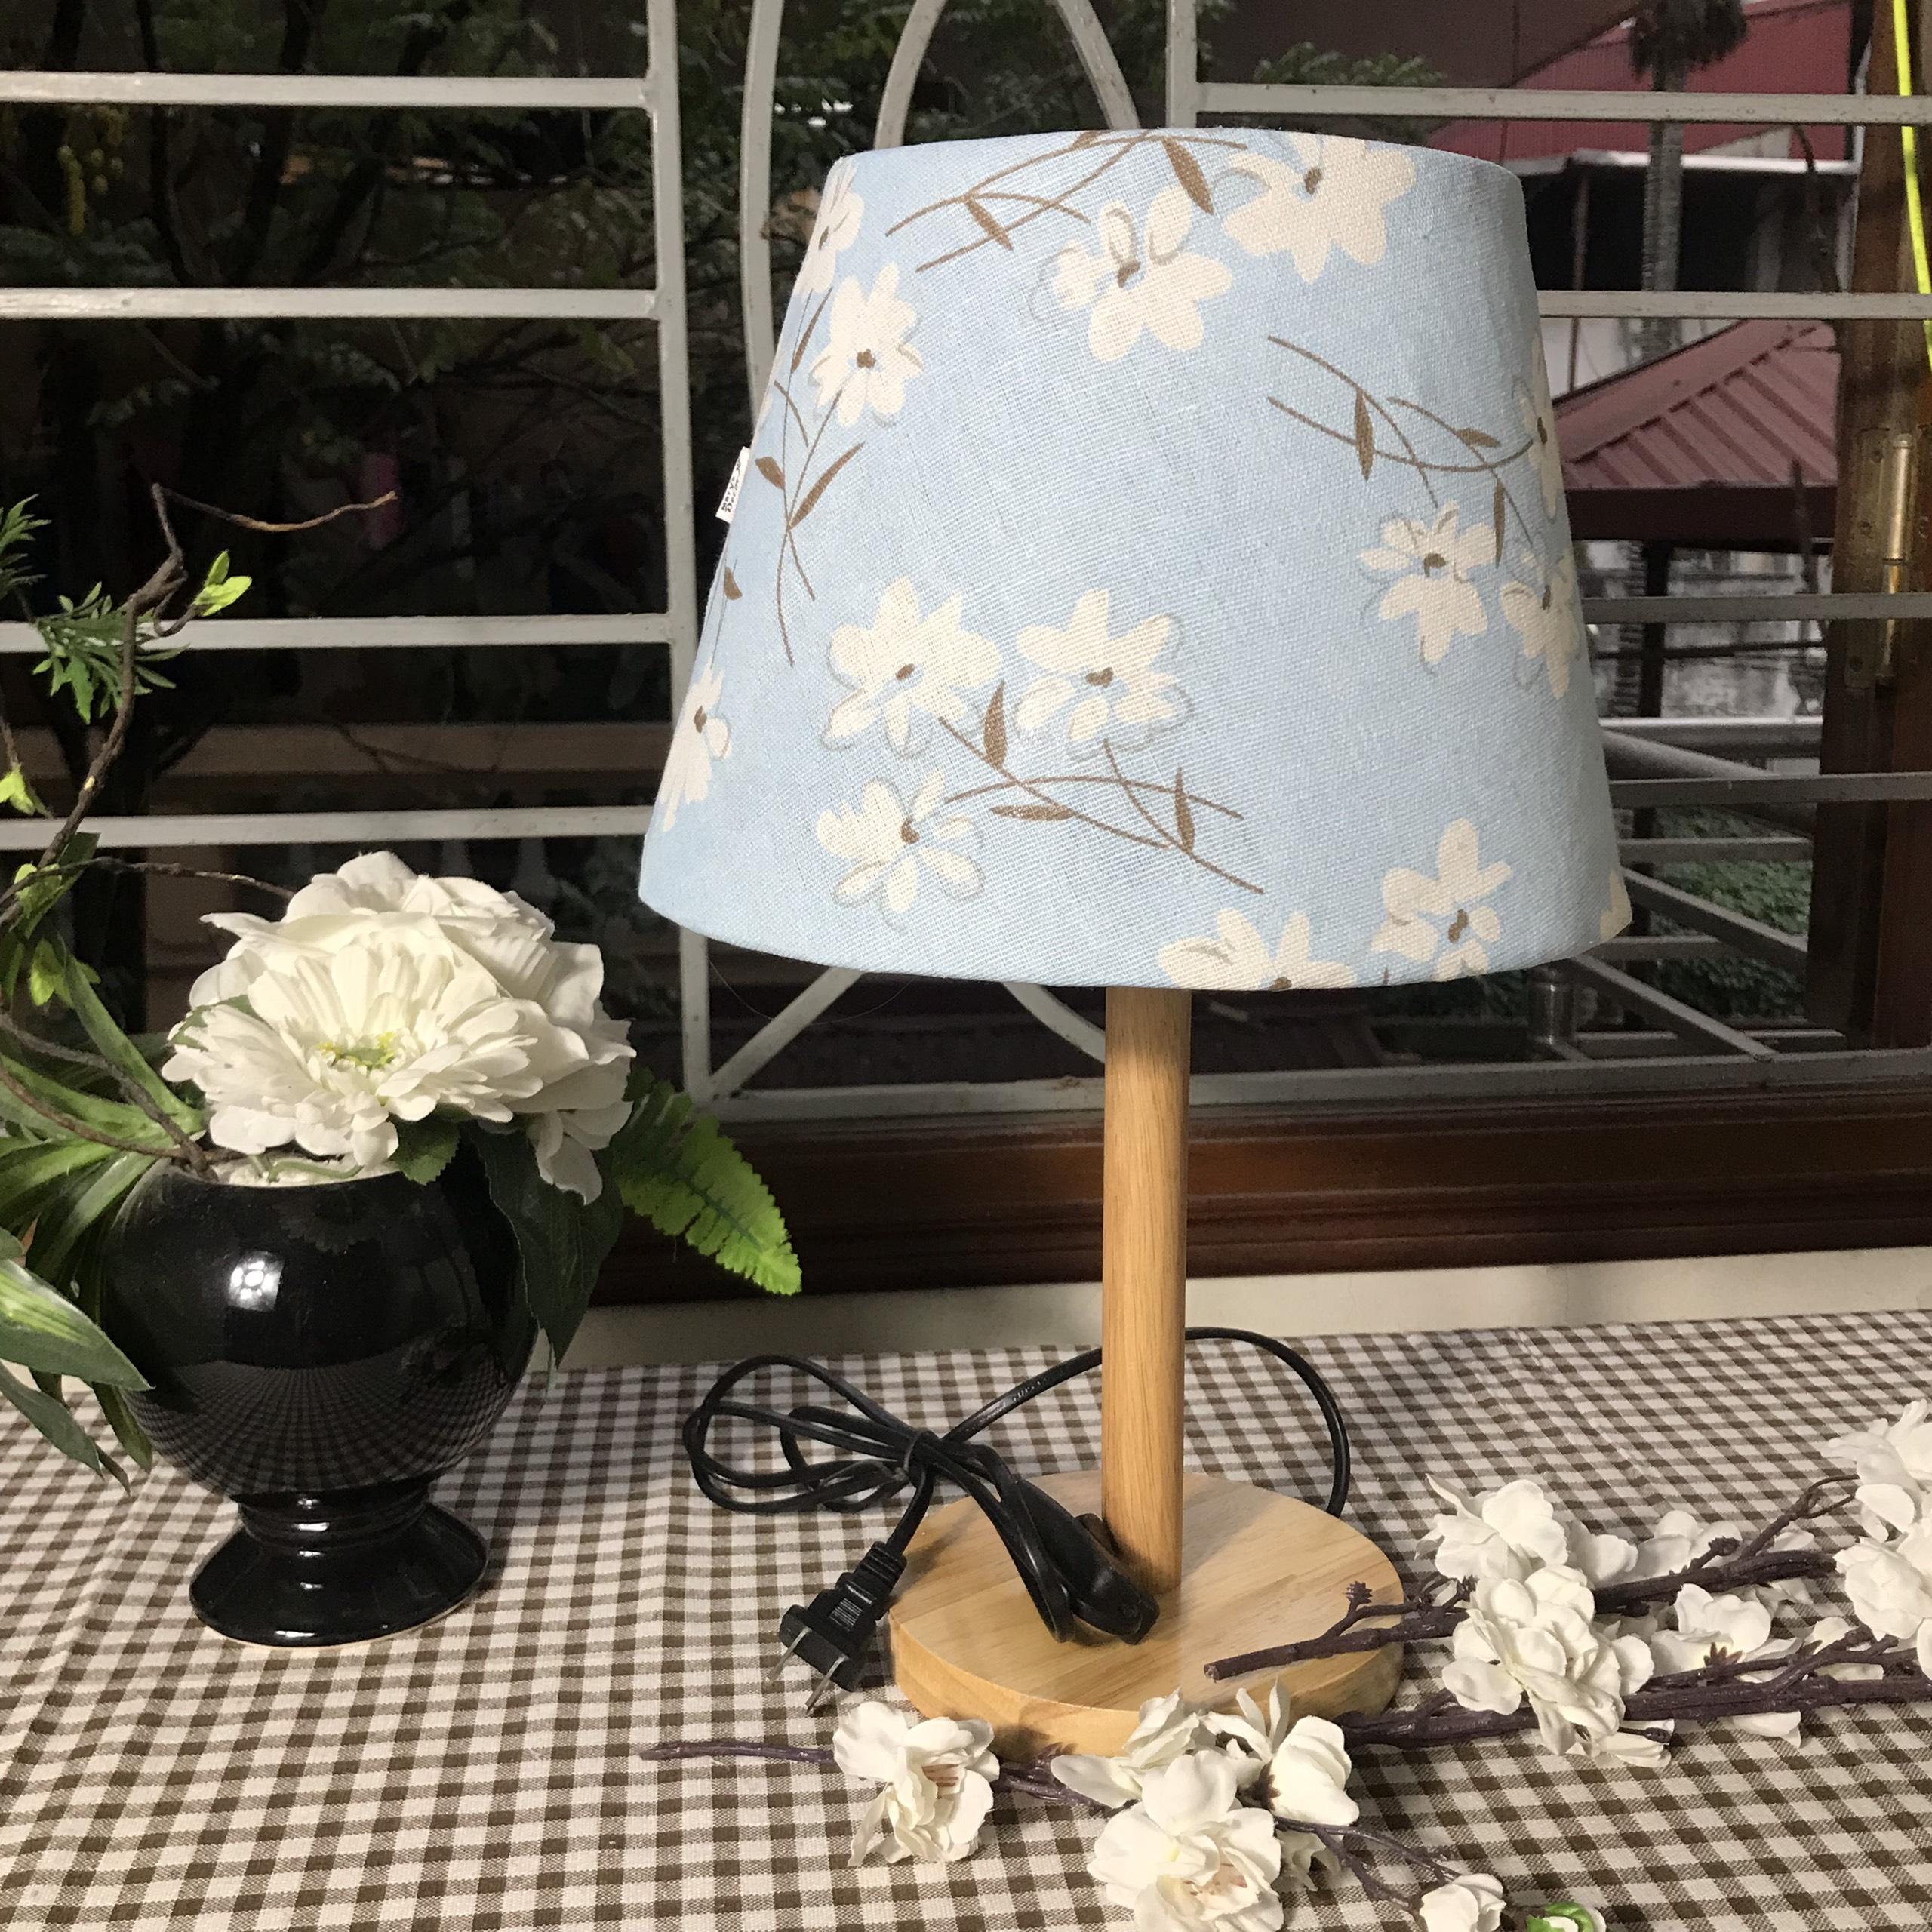 Đèn ngủ DB-C09 HOA TRẮNG NỀN XANH gắn đầu giường, chân gỗ tự nhiên, chao vải bố linen vintage, công tắc bật tắt, kèm bóng